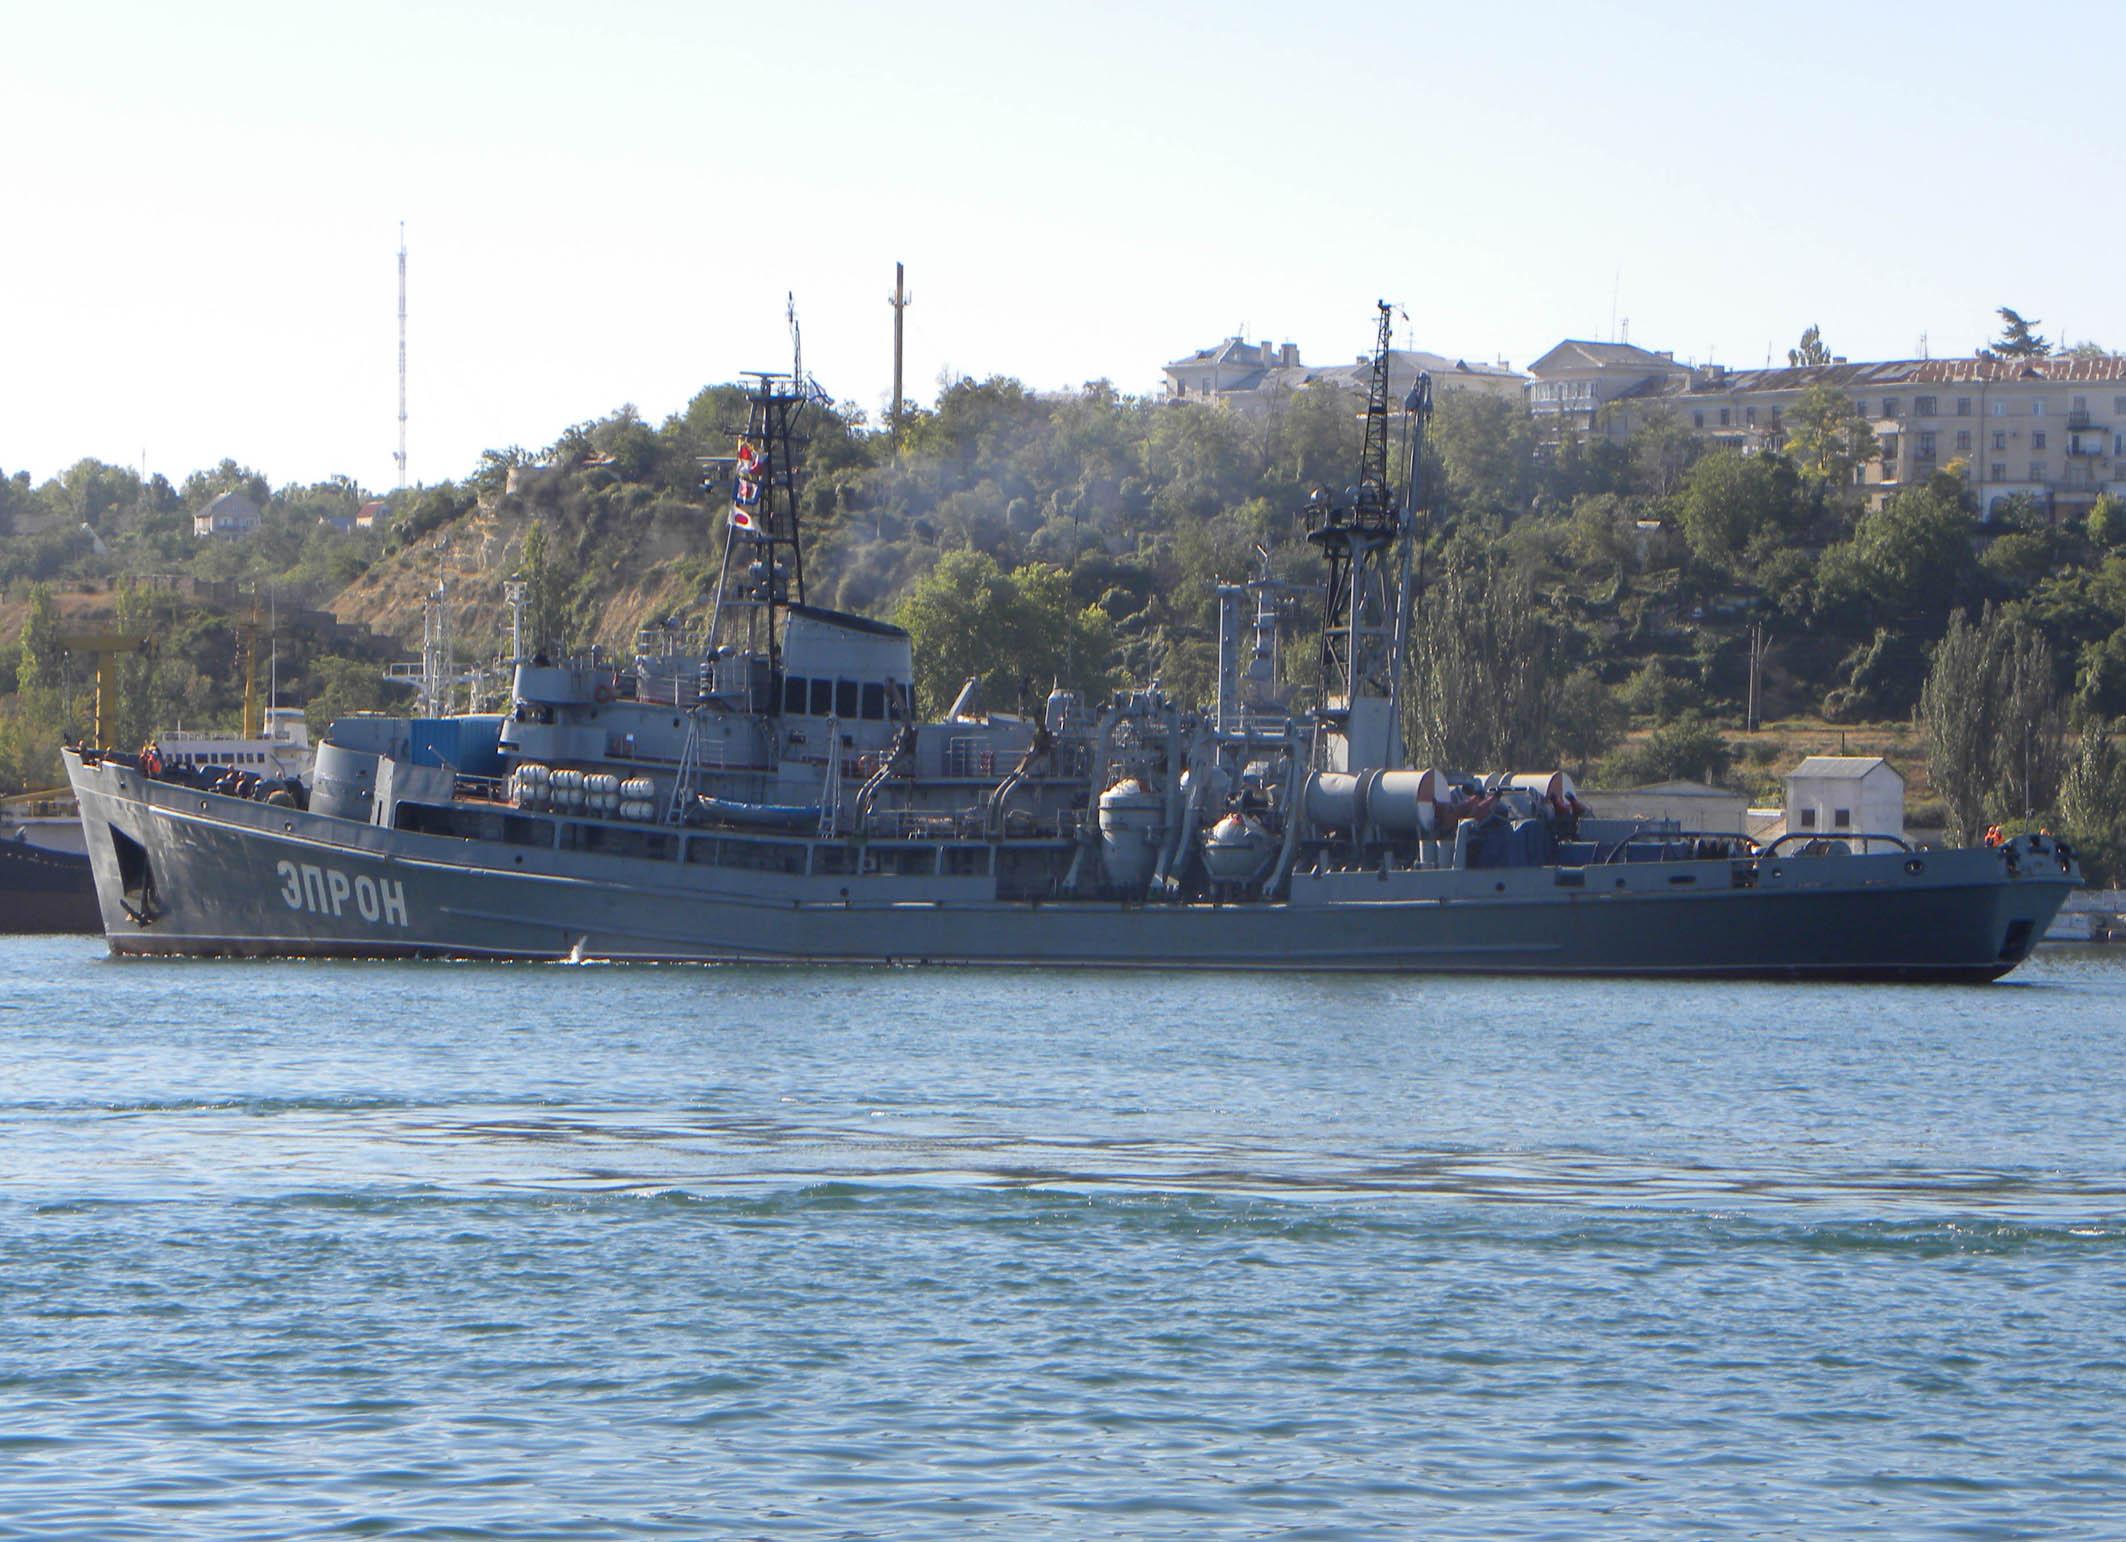 11-09-2010 250.JPG